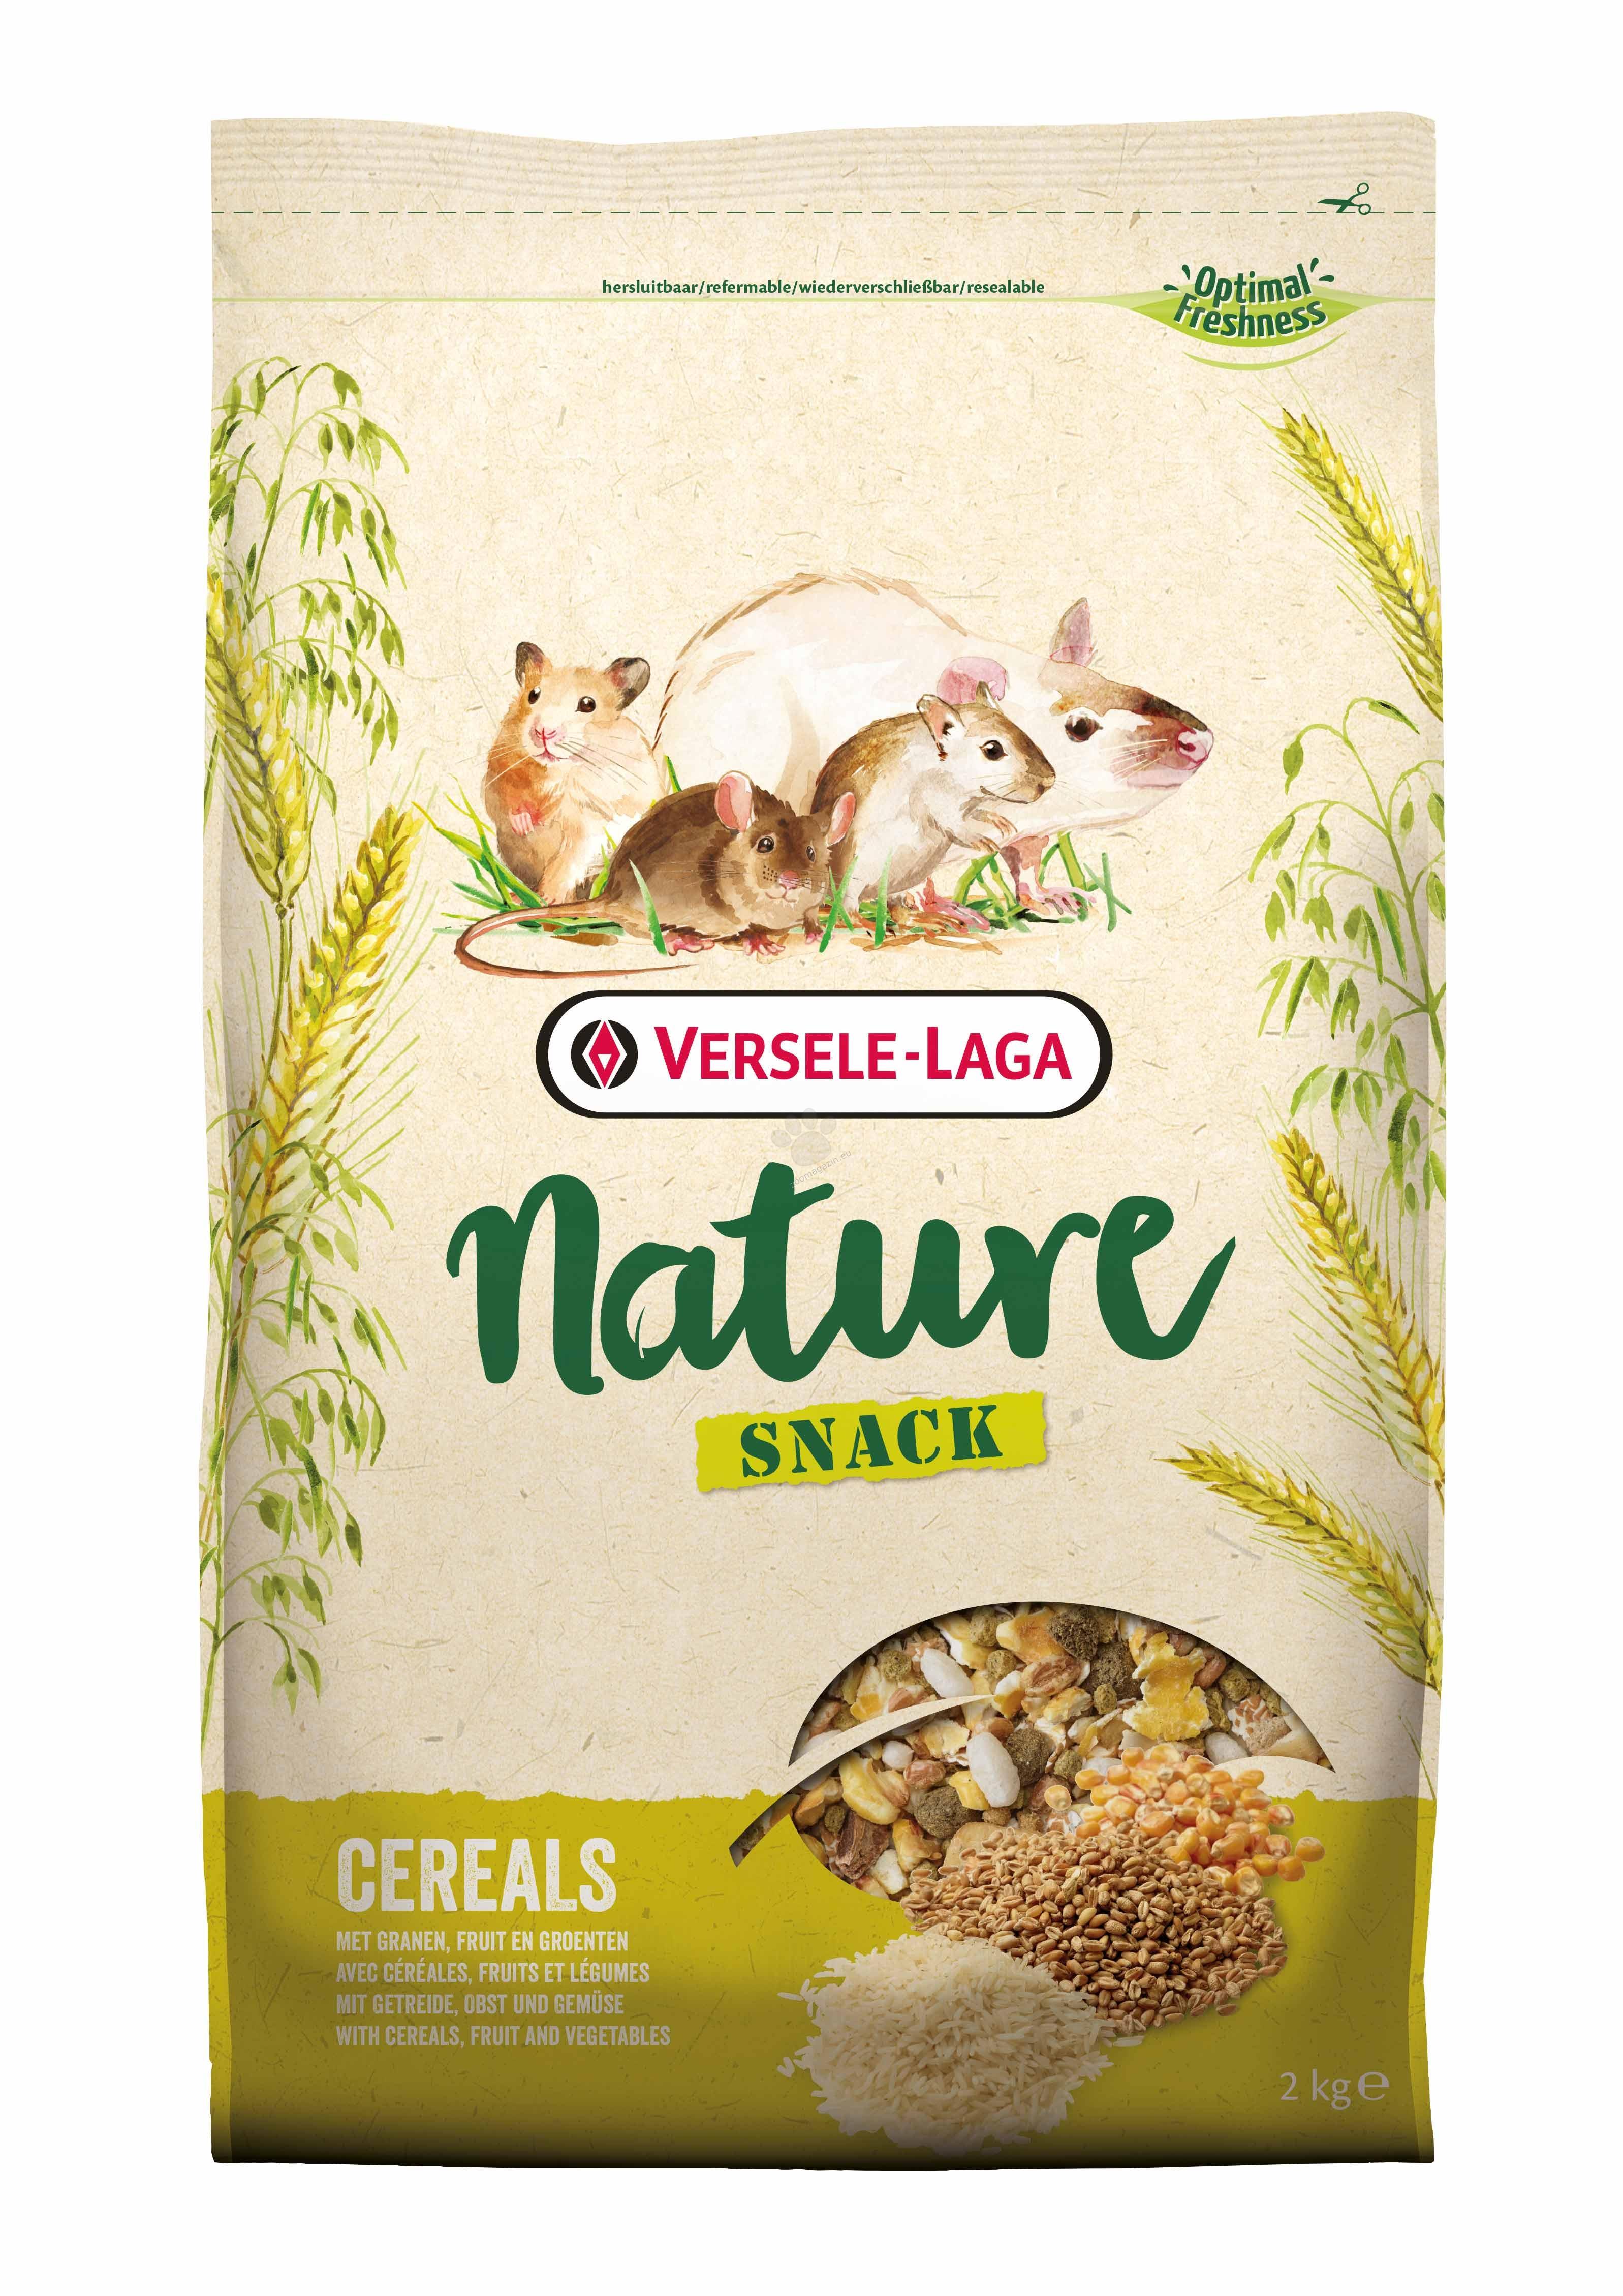 Versele Laga - Nature Snack Cereals - разнообразна закуска от зърнени храни 2 кг.